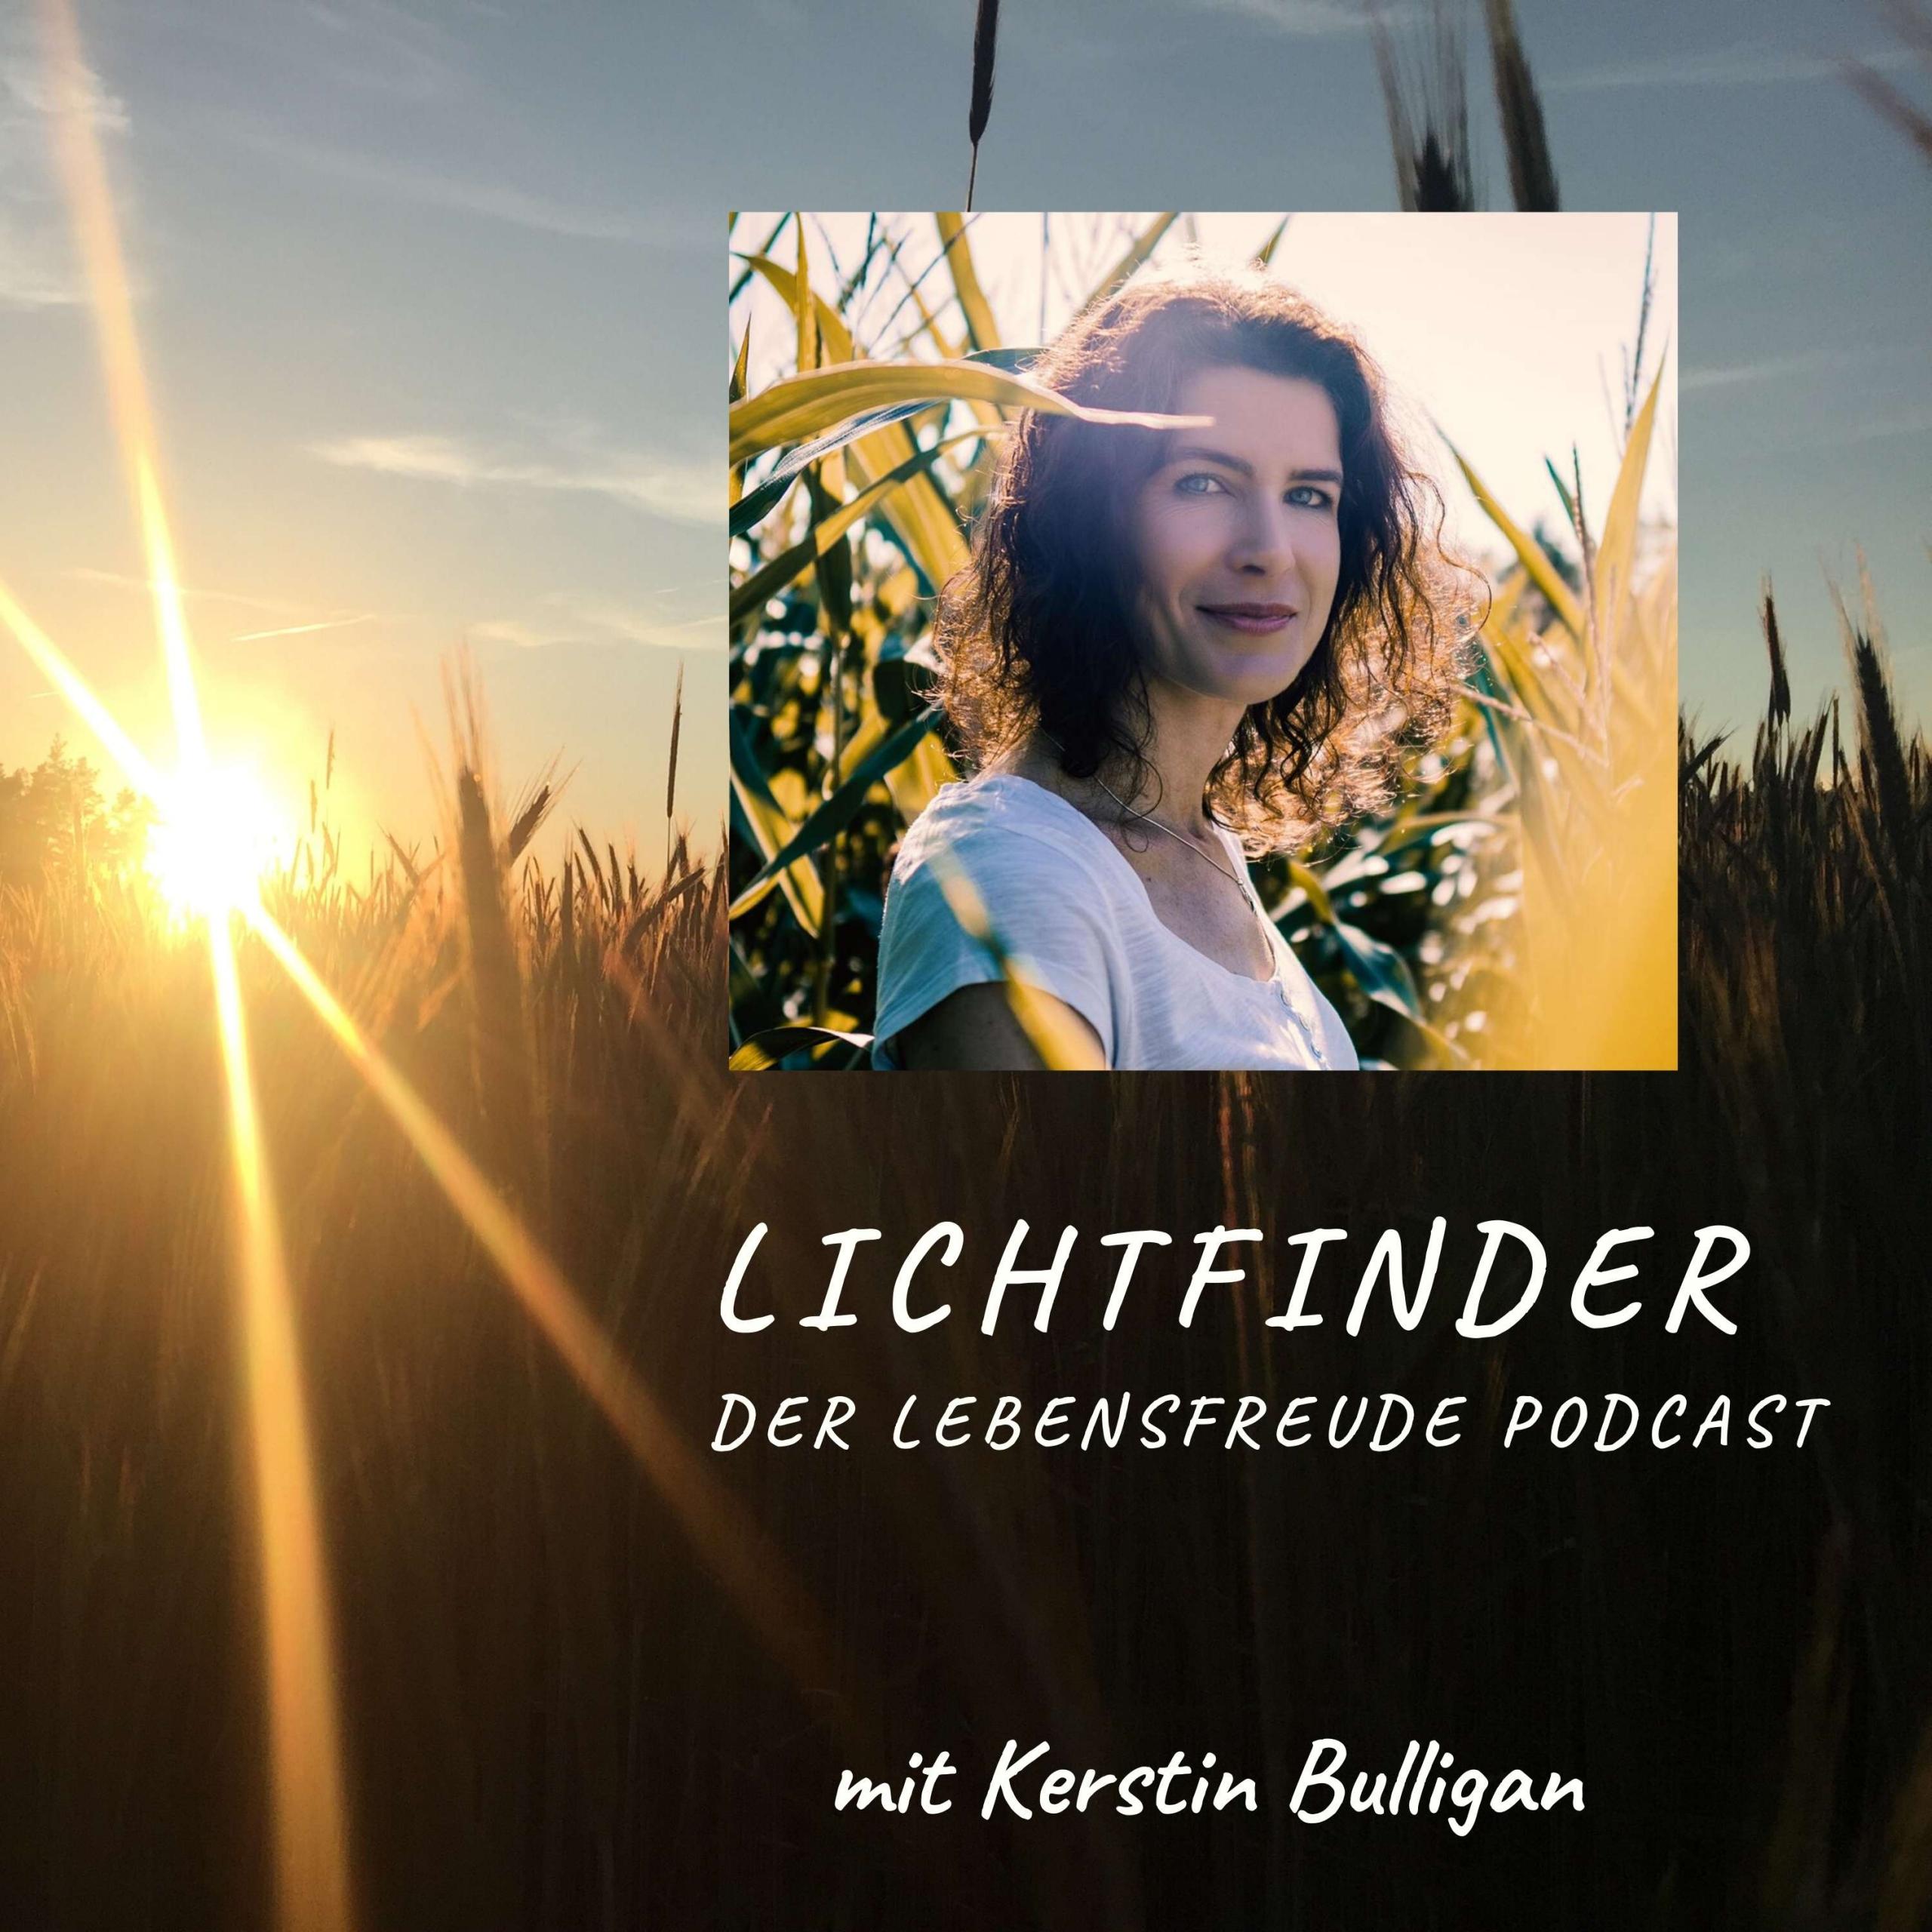 Lichtfinder Lebensfreude Podcast